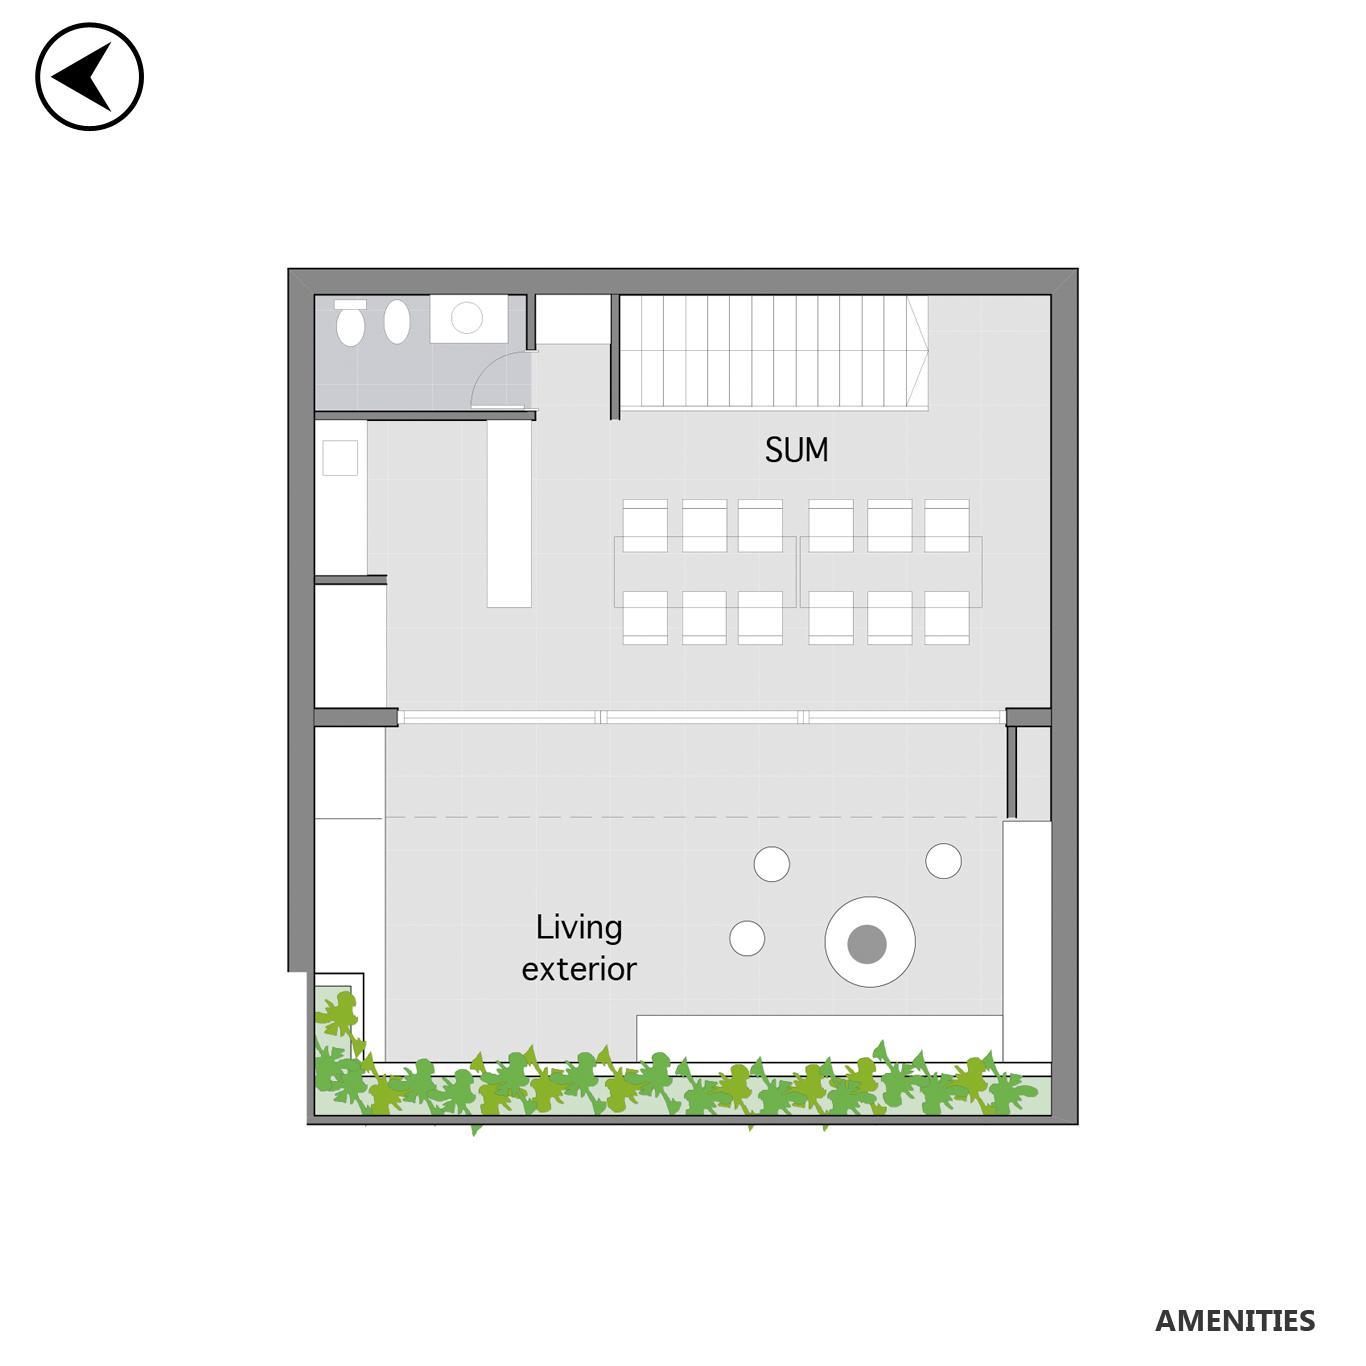 Venta departamento 2 dormitorios Rosario, Martin. Cod CBU24537 AP2284915. Crestale Propiedades